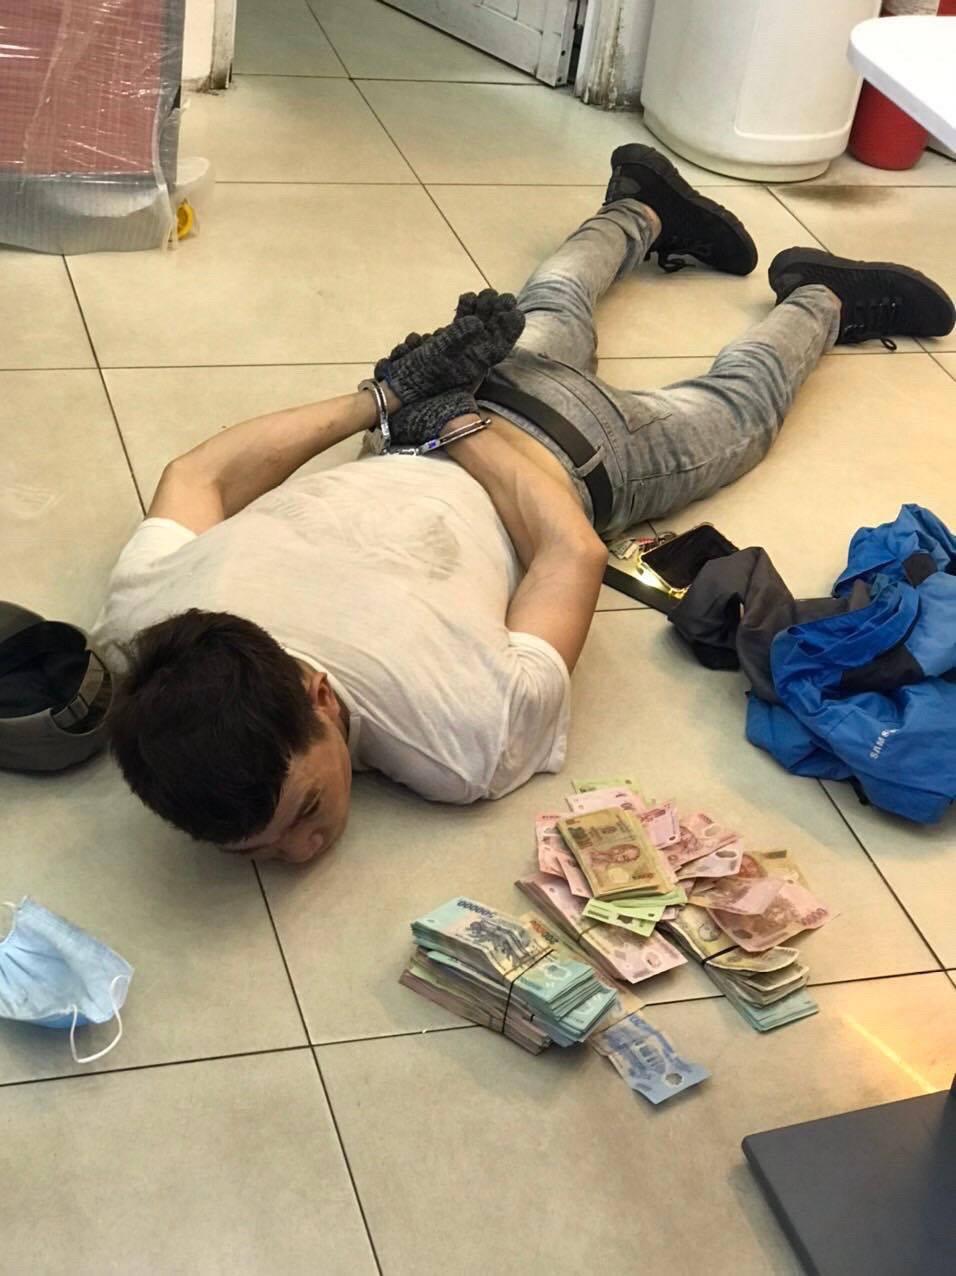 Gã trai đu dây đột nhập cửa hàng FPT Shop phá két sắt, lấy trộm 120 triệu đồng ở Sài Gòn - Ảnh 3.